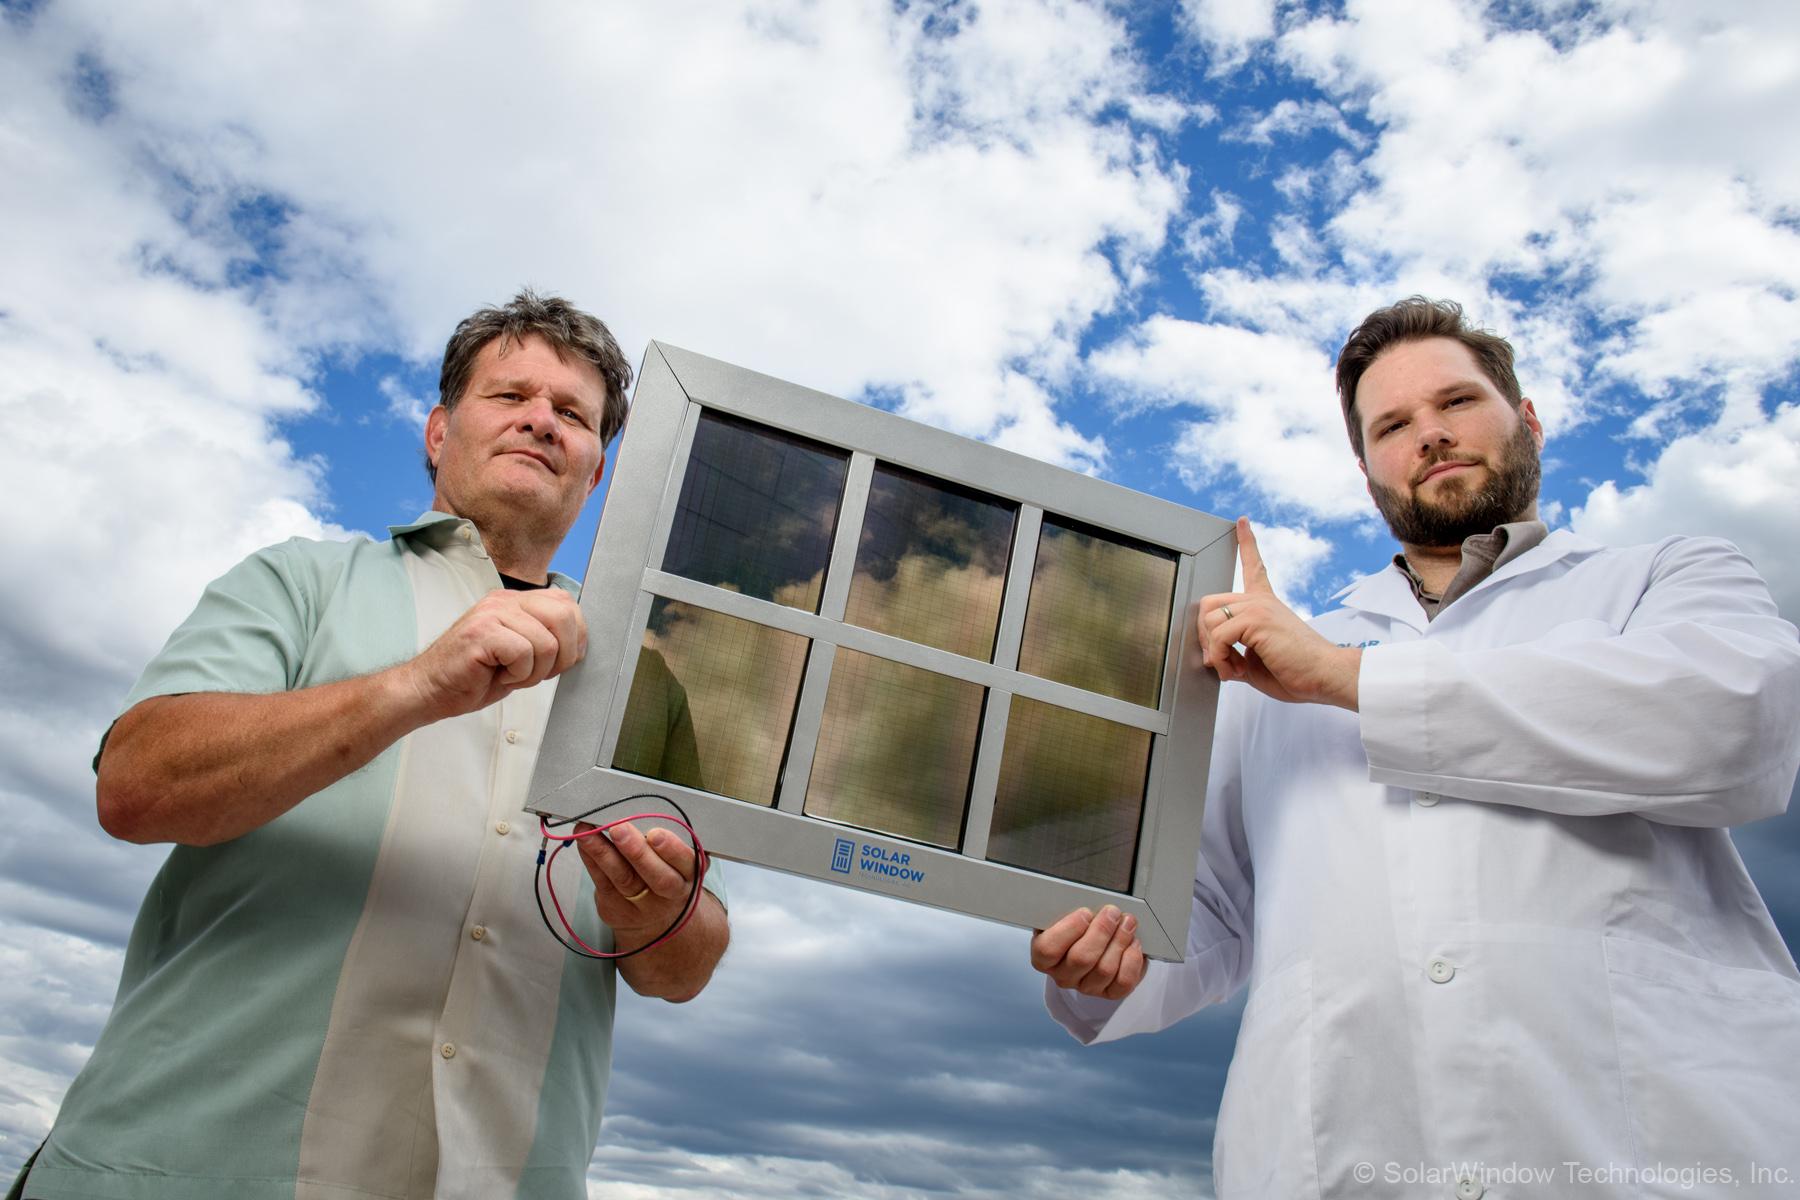 Ventanas solares, el futuro de las energías renovables